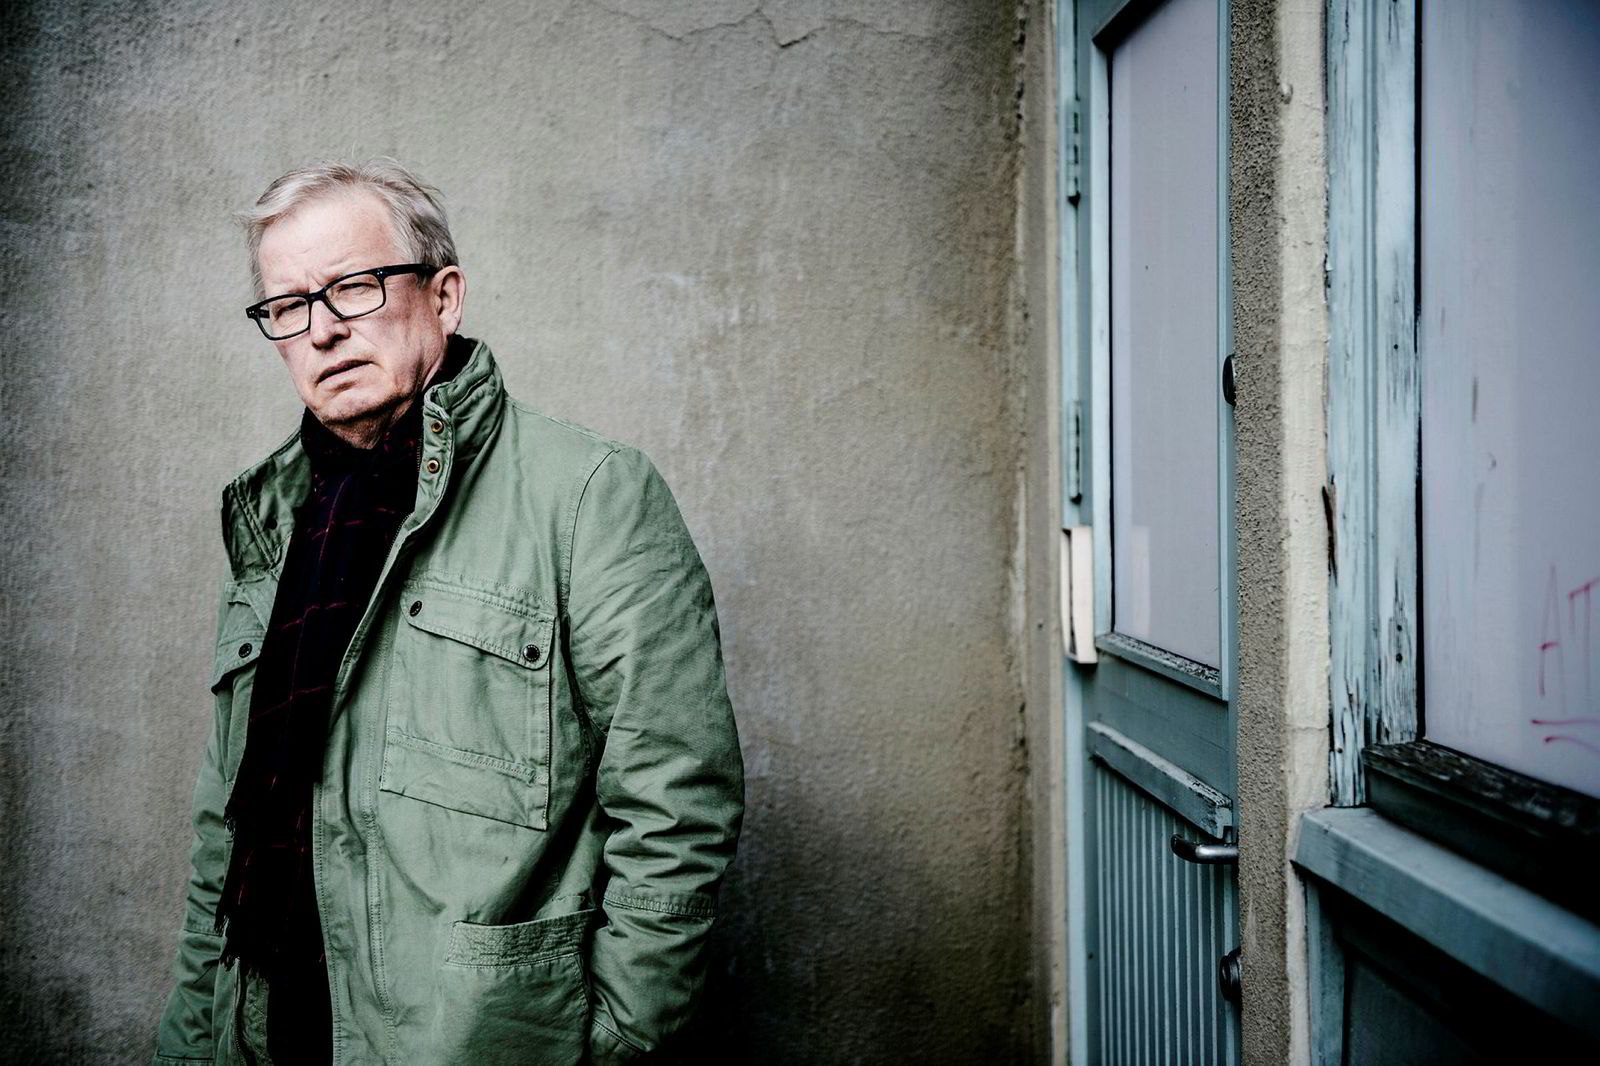 Tidligere VG-redaktør Bernt Olufsen er imponert om Uppdrag Gransknings journalistikk.